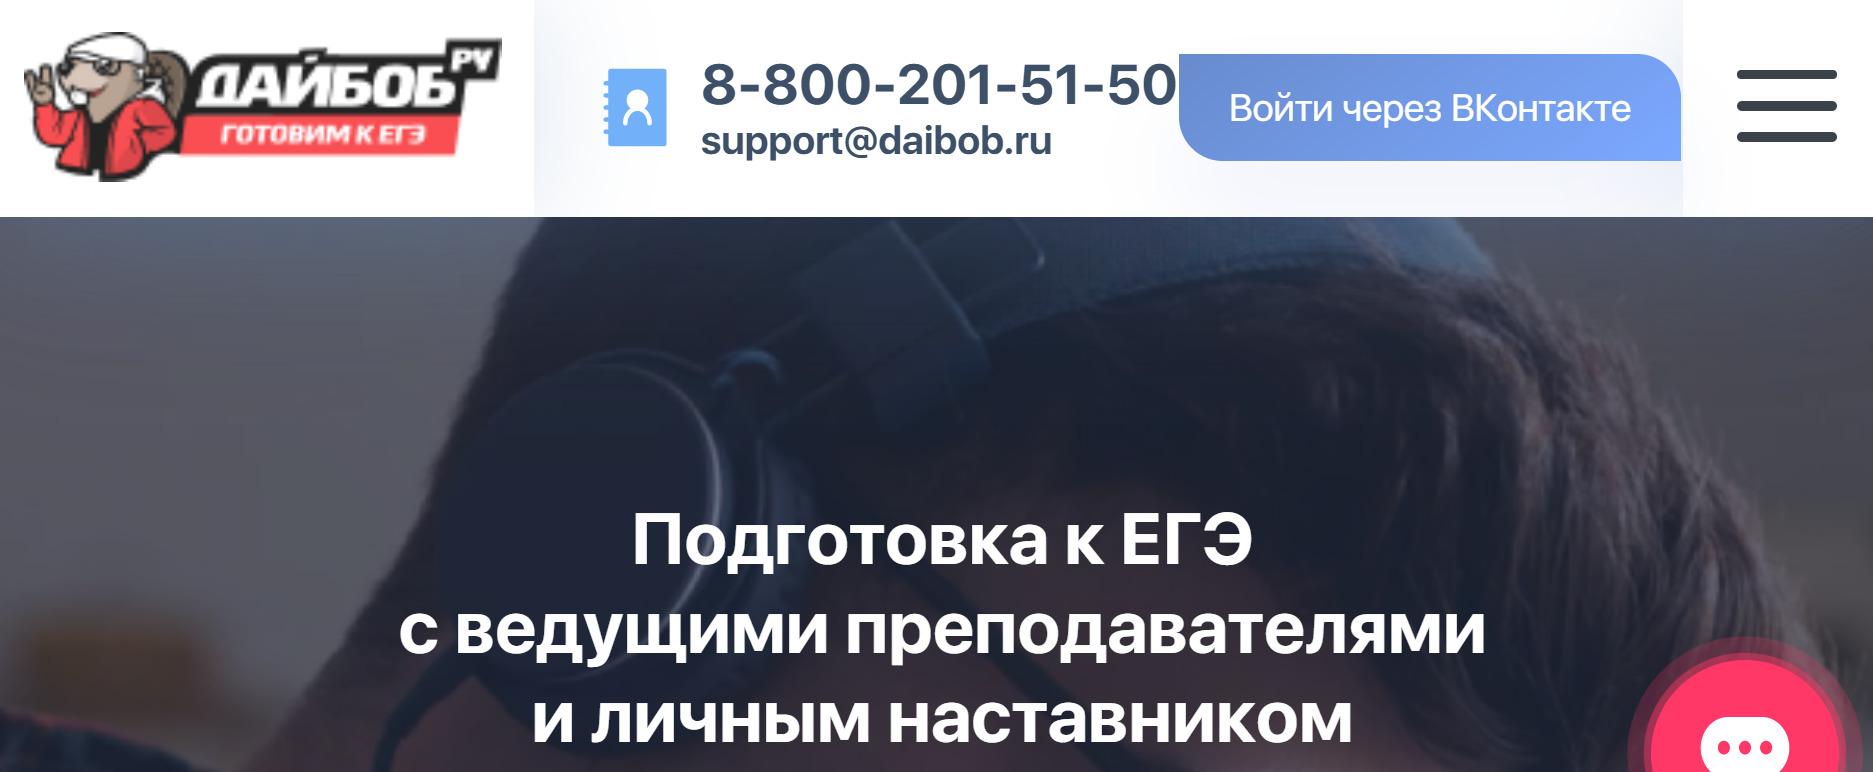 Сайт для подготовки к ЕГЭ daibob.ru